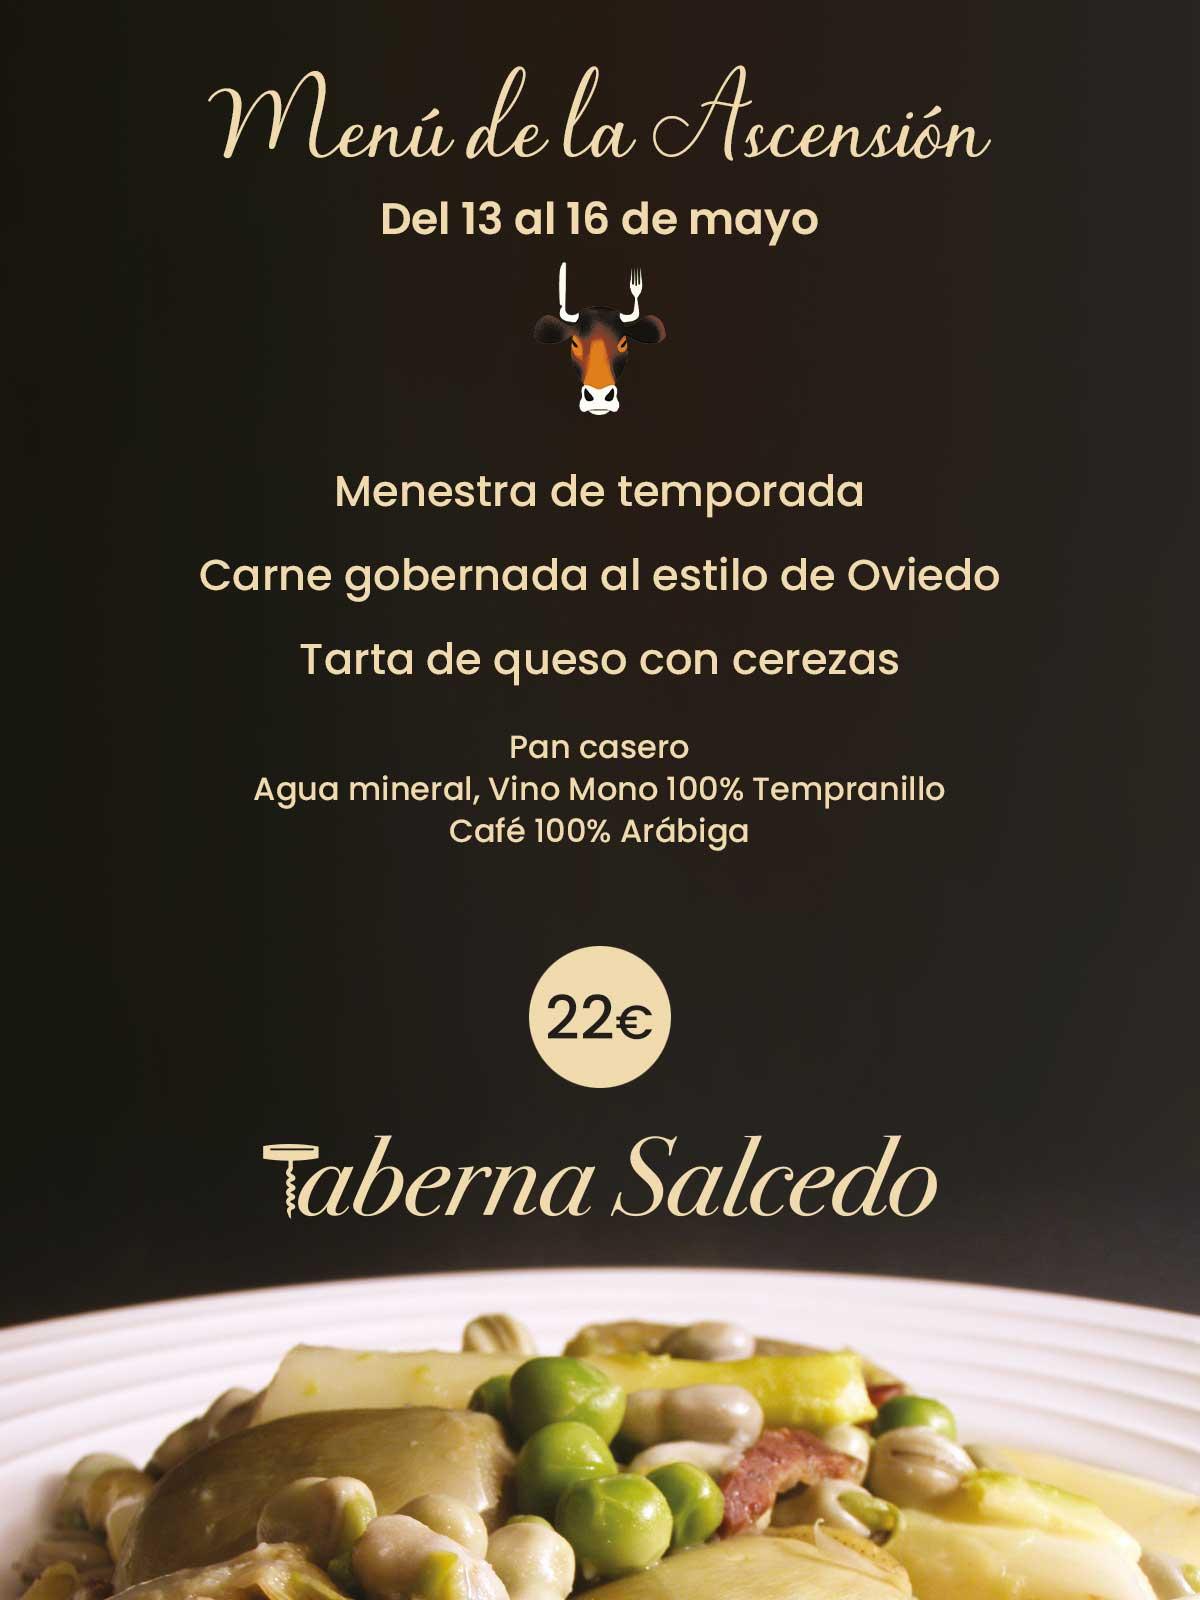 menu-de-la-ascension-2021-2